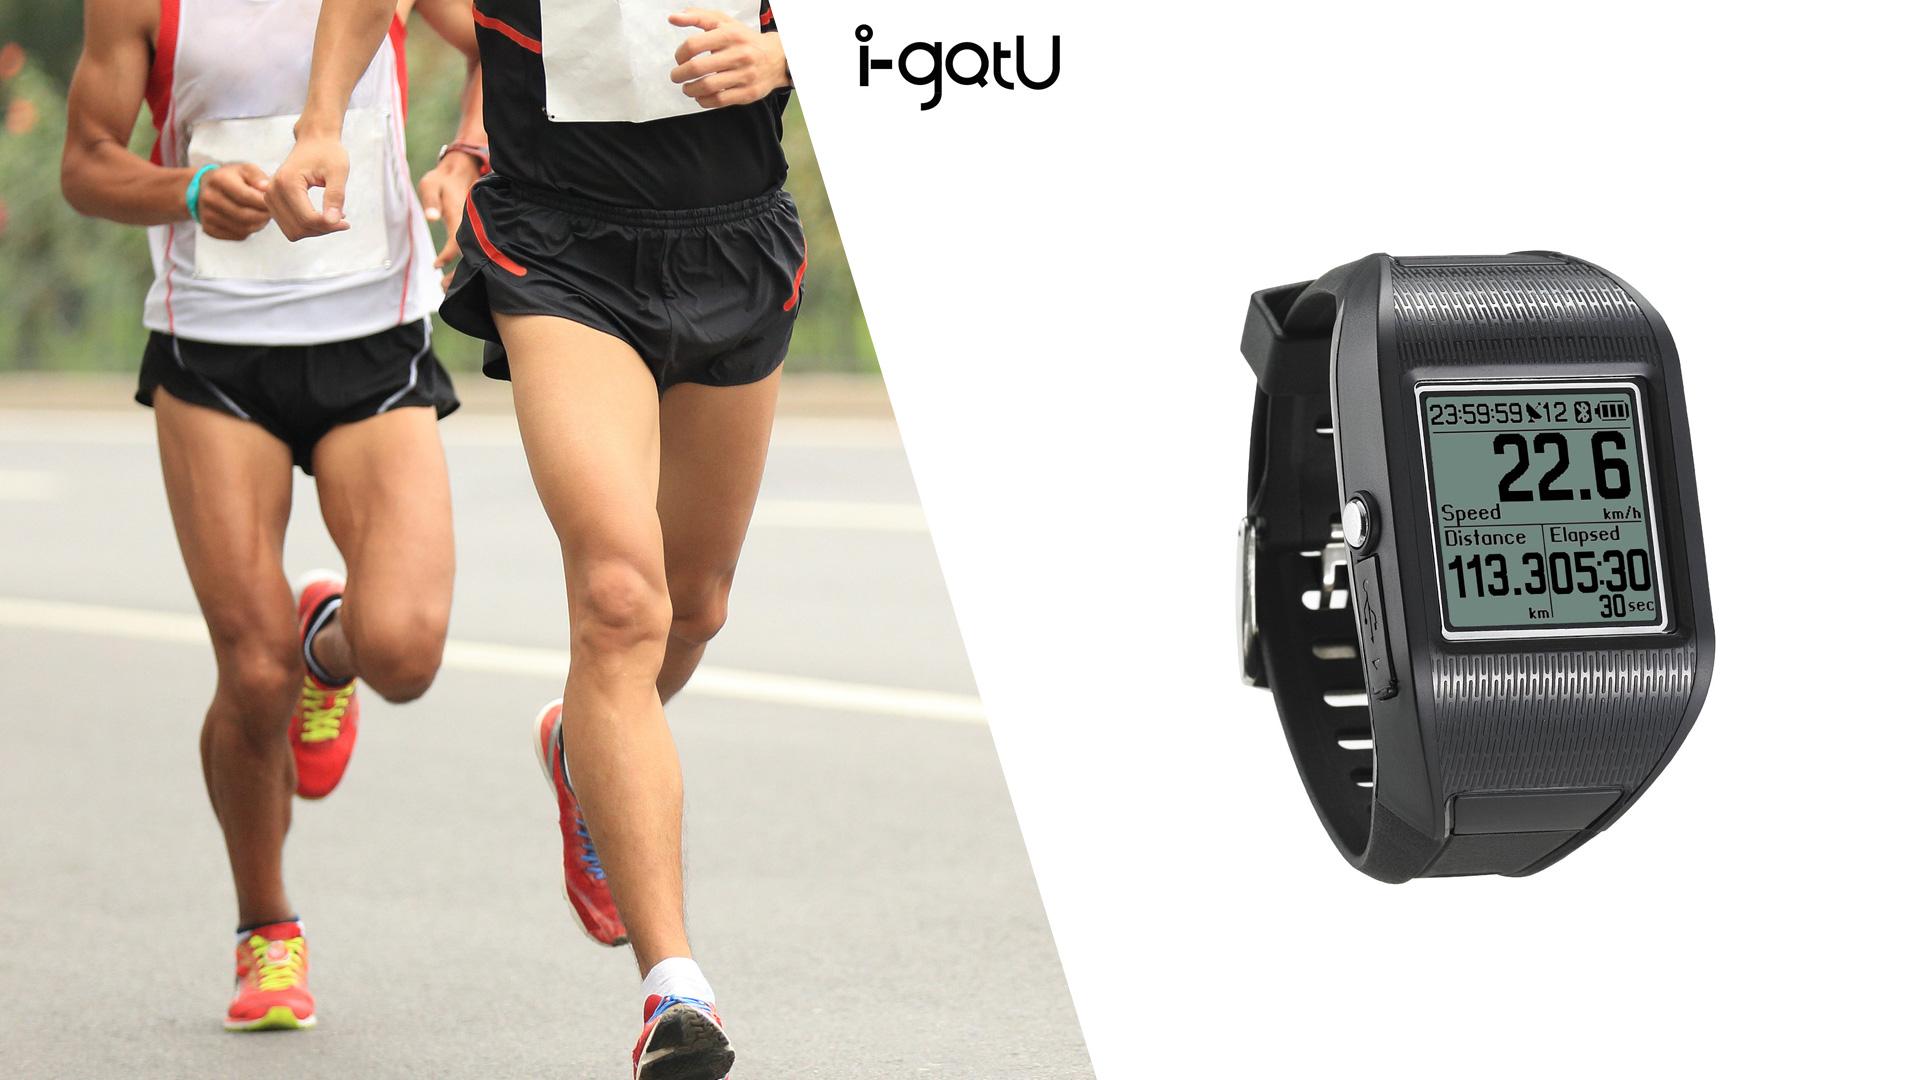 gt900 i got u montre GPS running pas cher